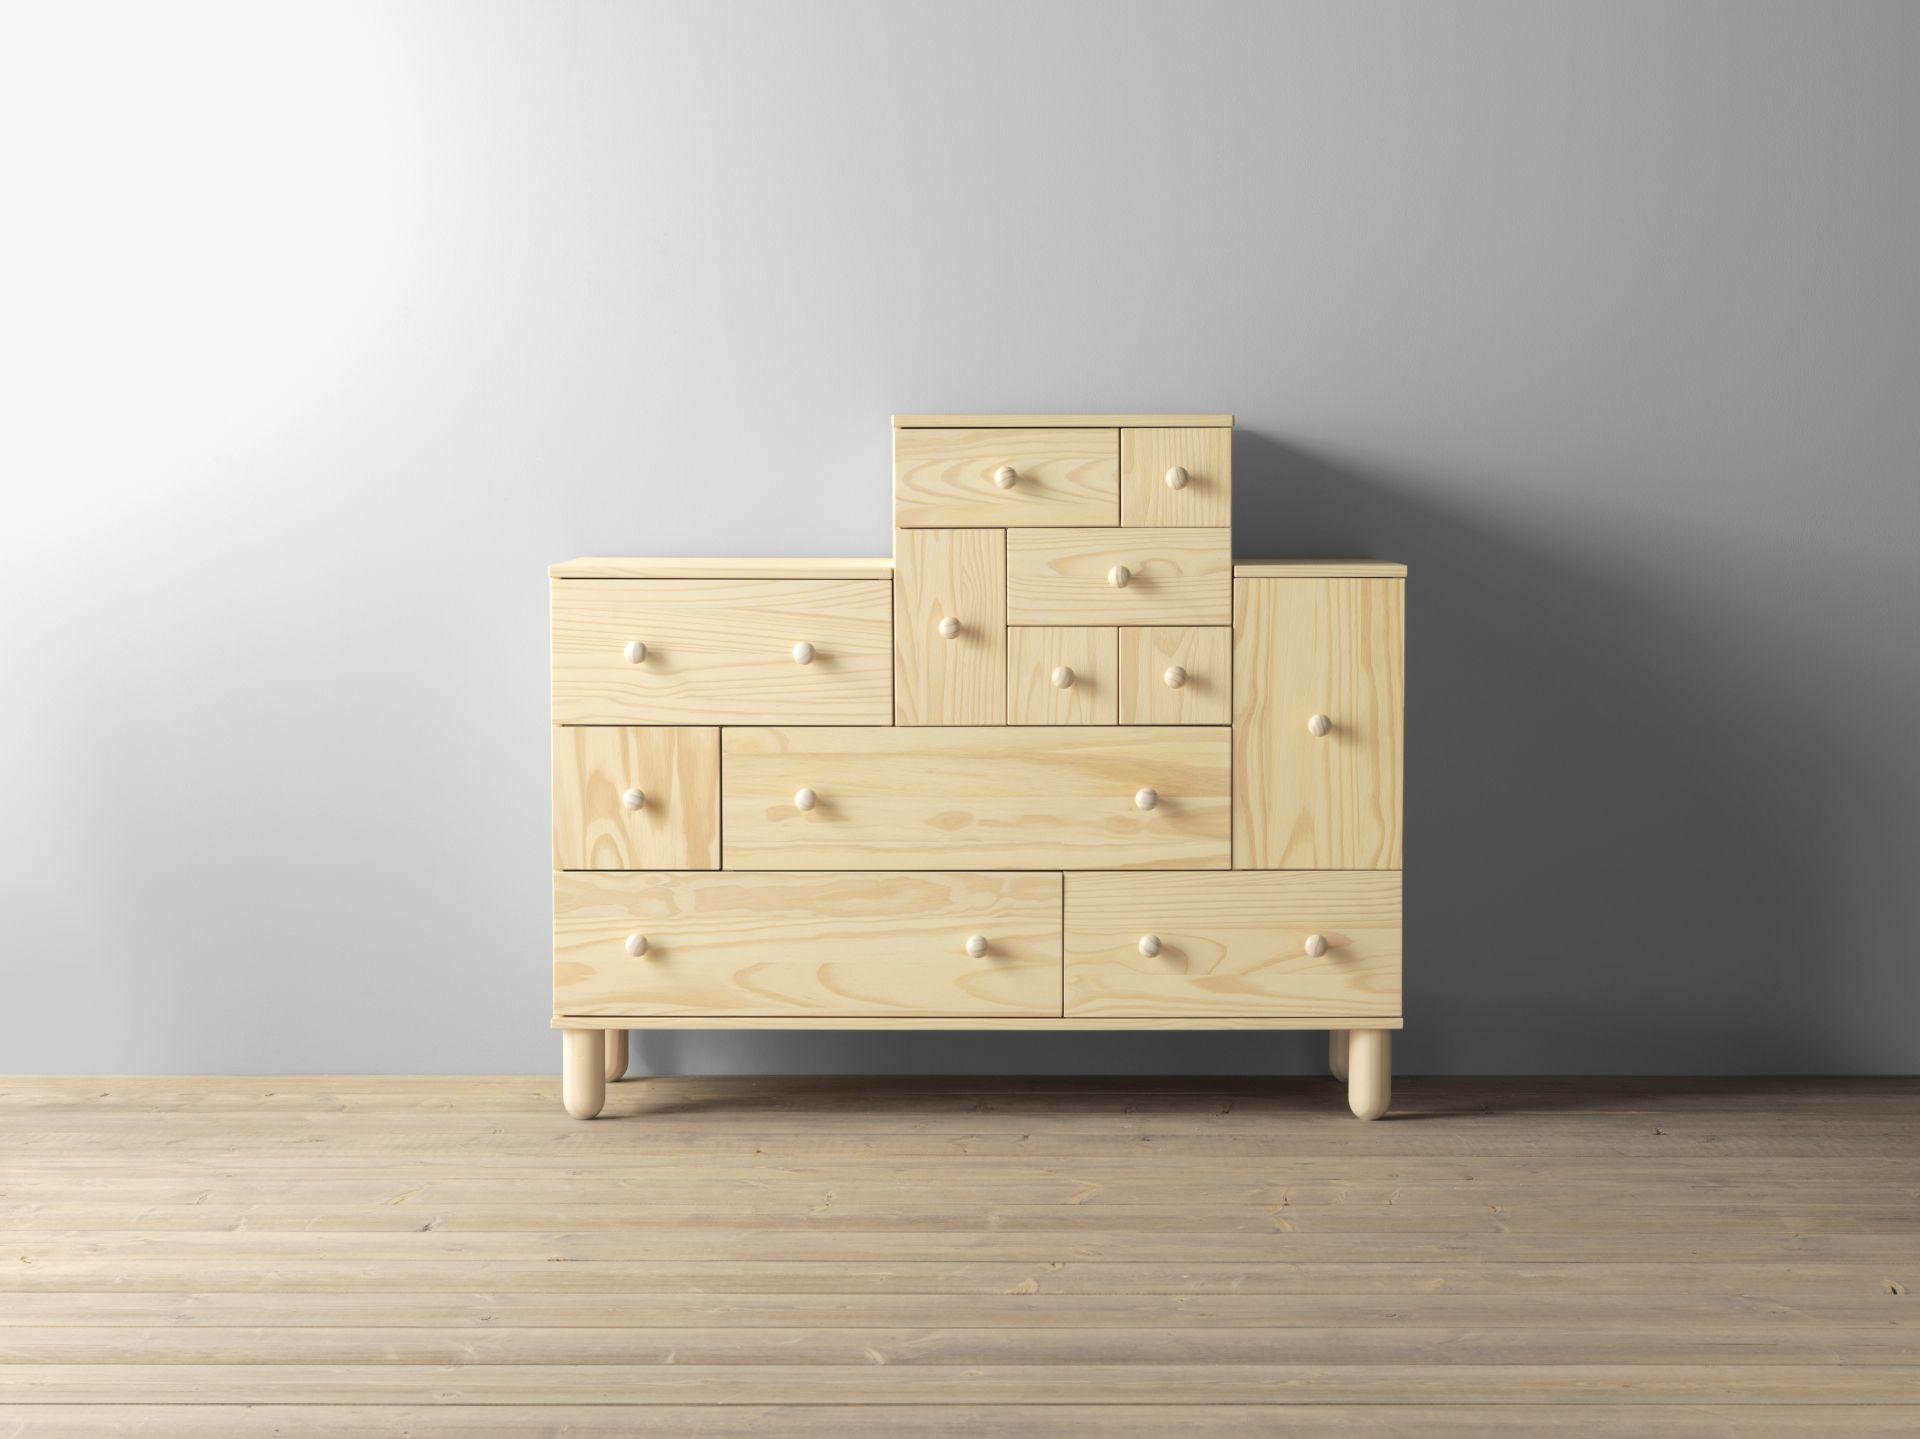 Tyssedal Ladekast Met Lades Nieuw Ikea Ikeanl Kast Year Of